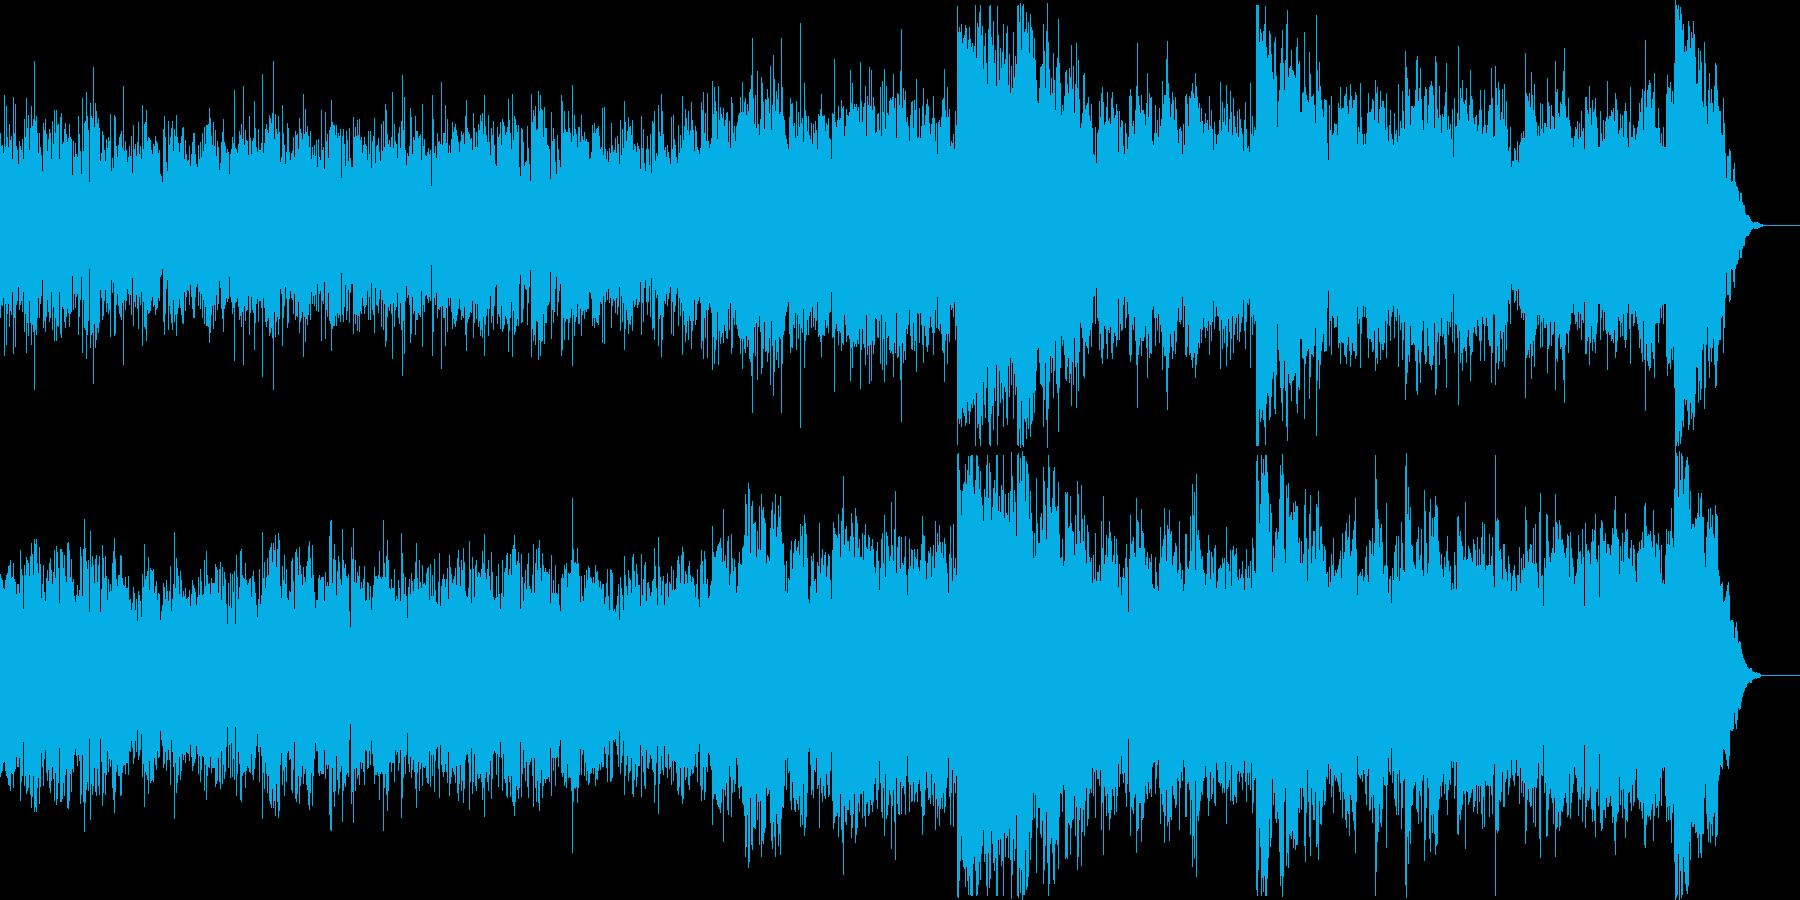 美しく敏感なアンビエントの再生済みの波形